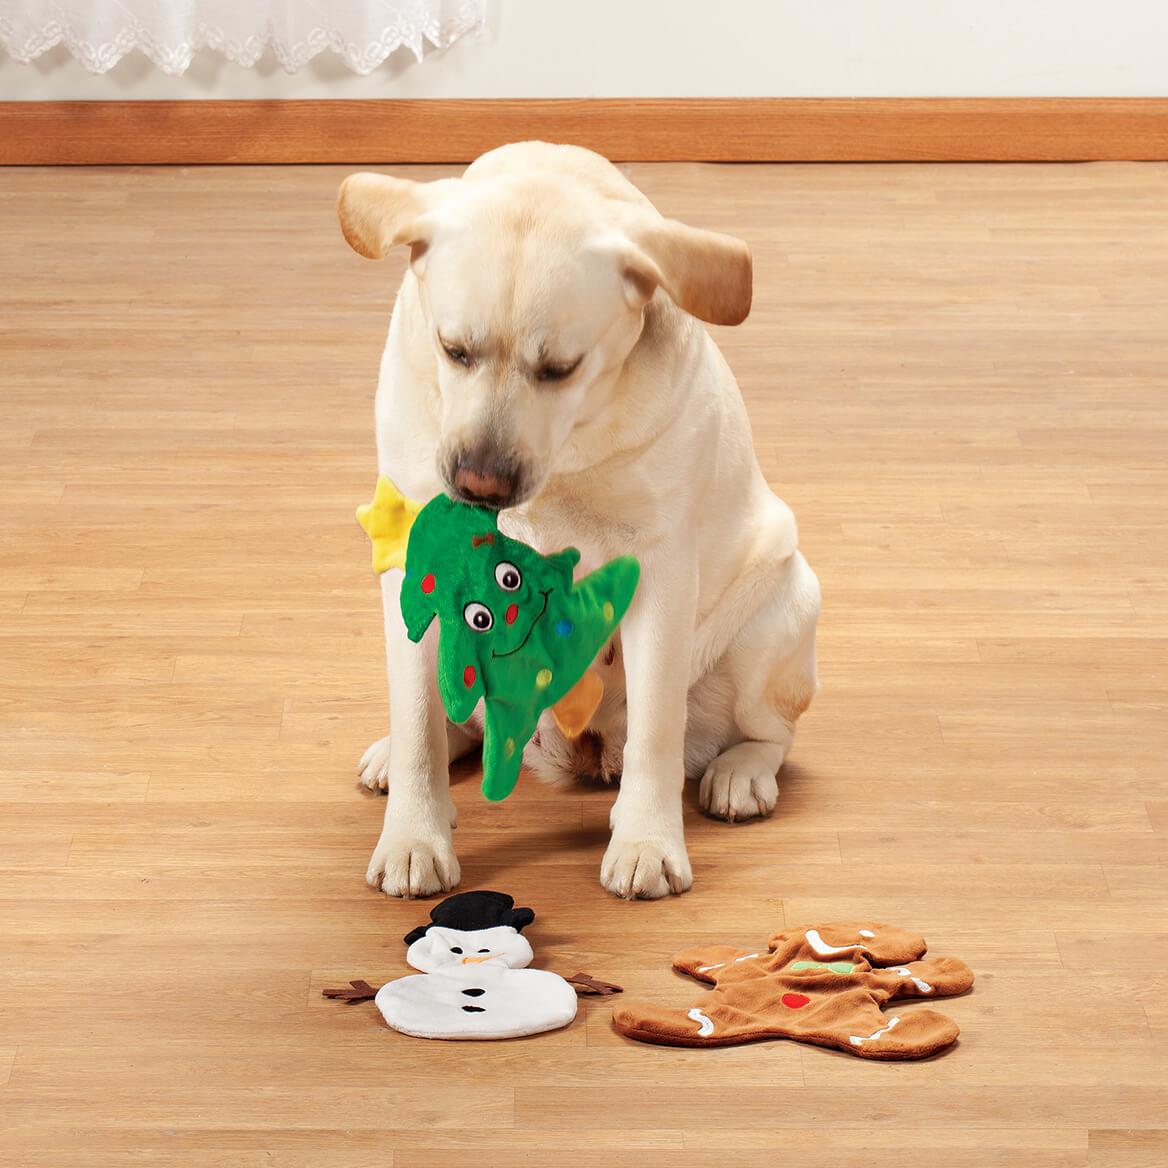 Stuffing Free Christmas Dog Toys, Set of 3-370667